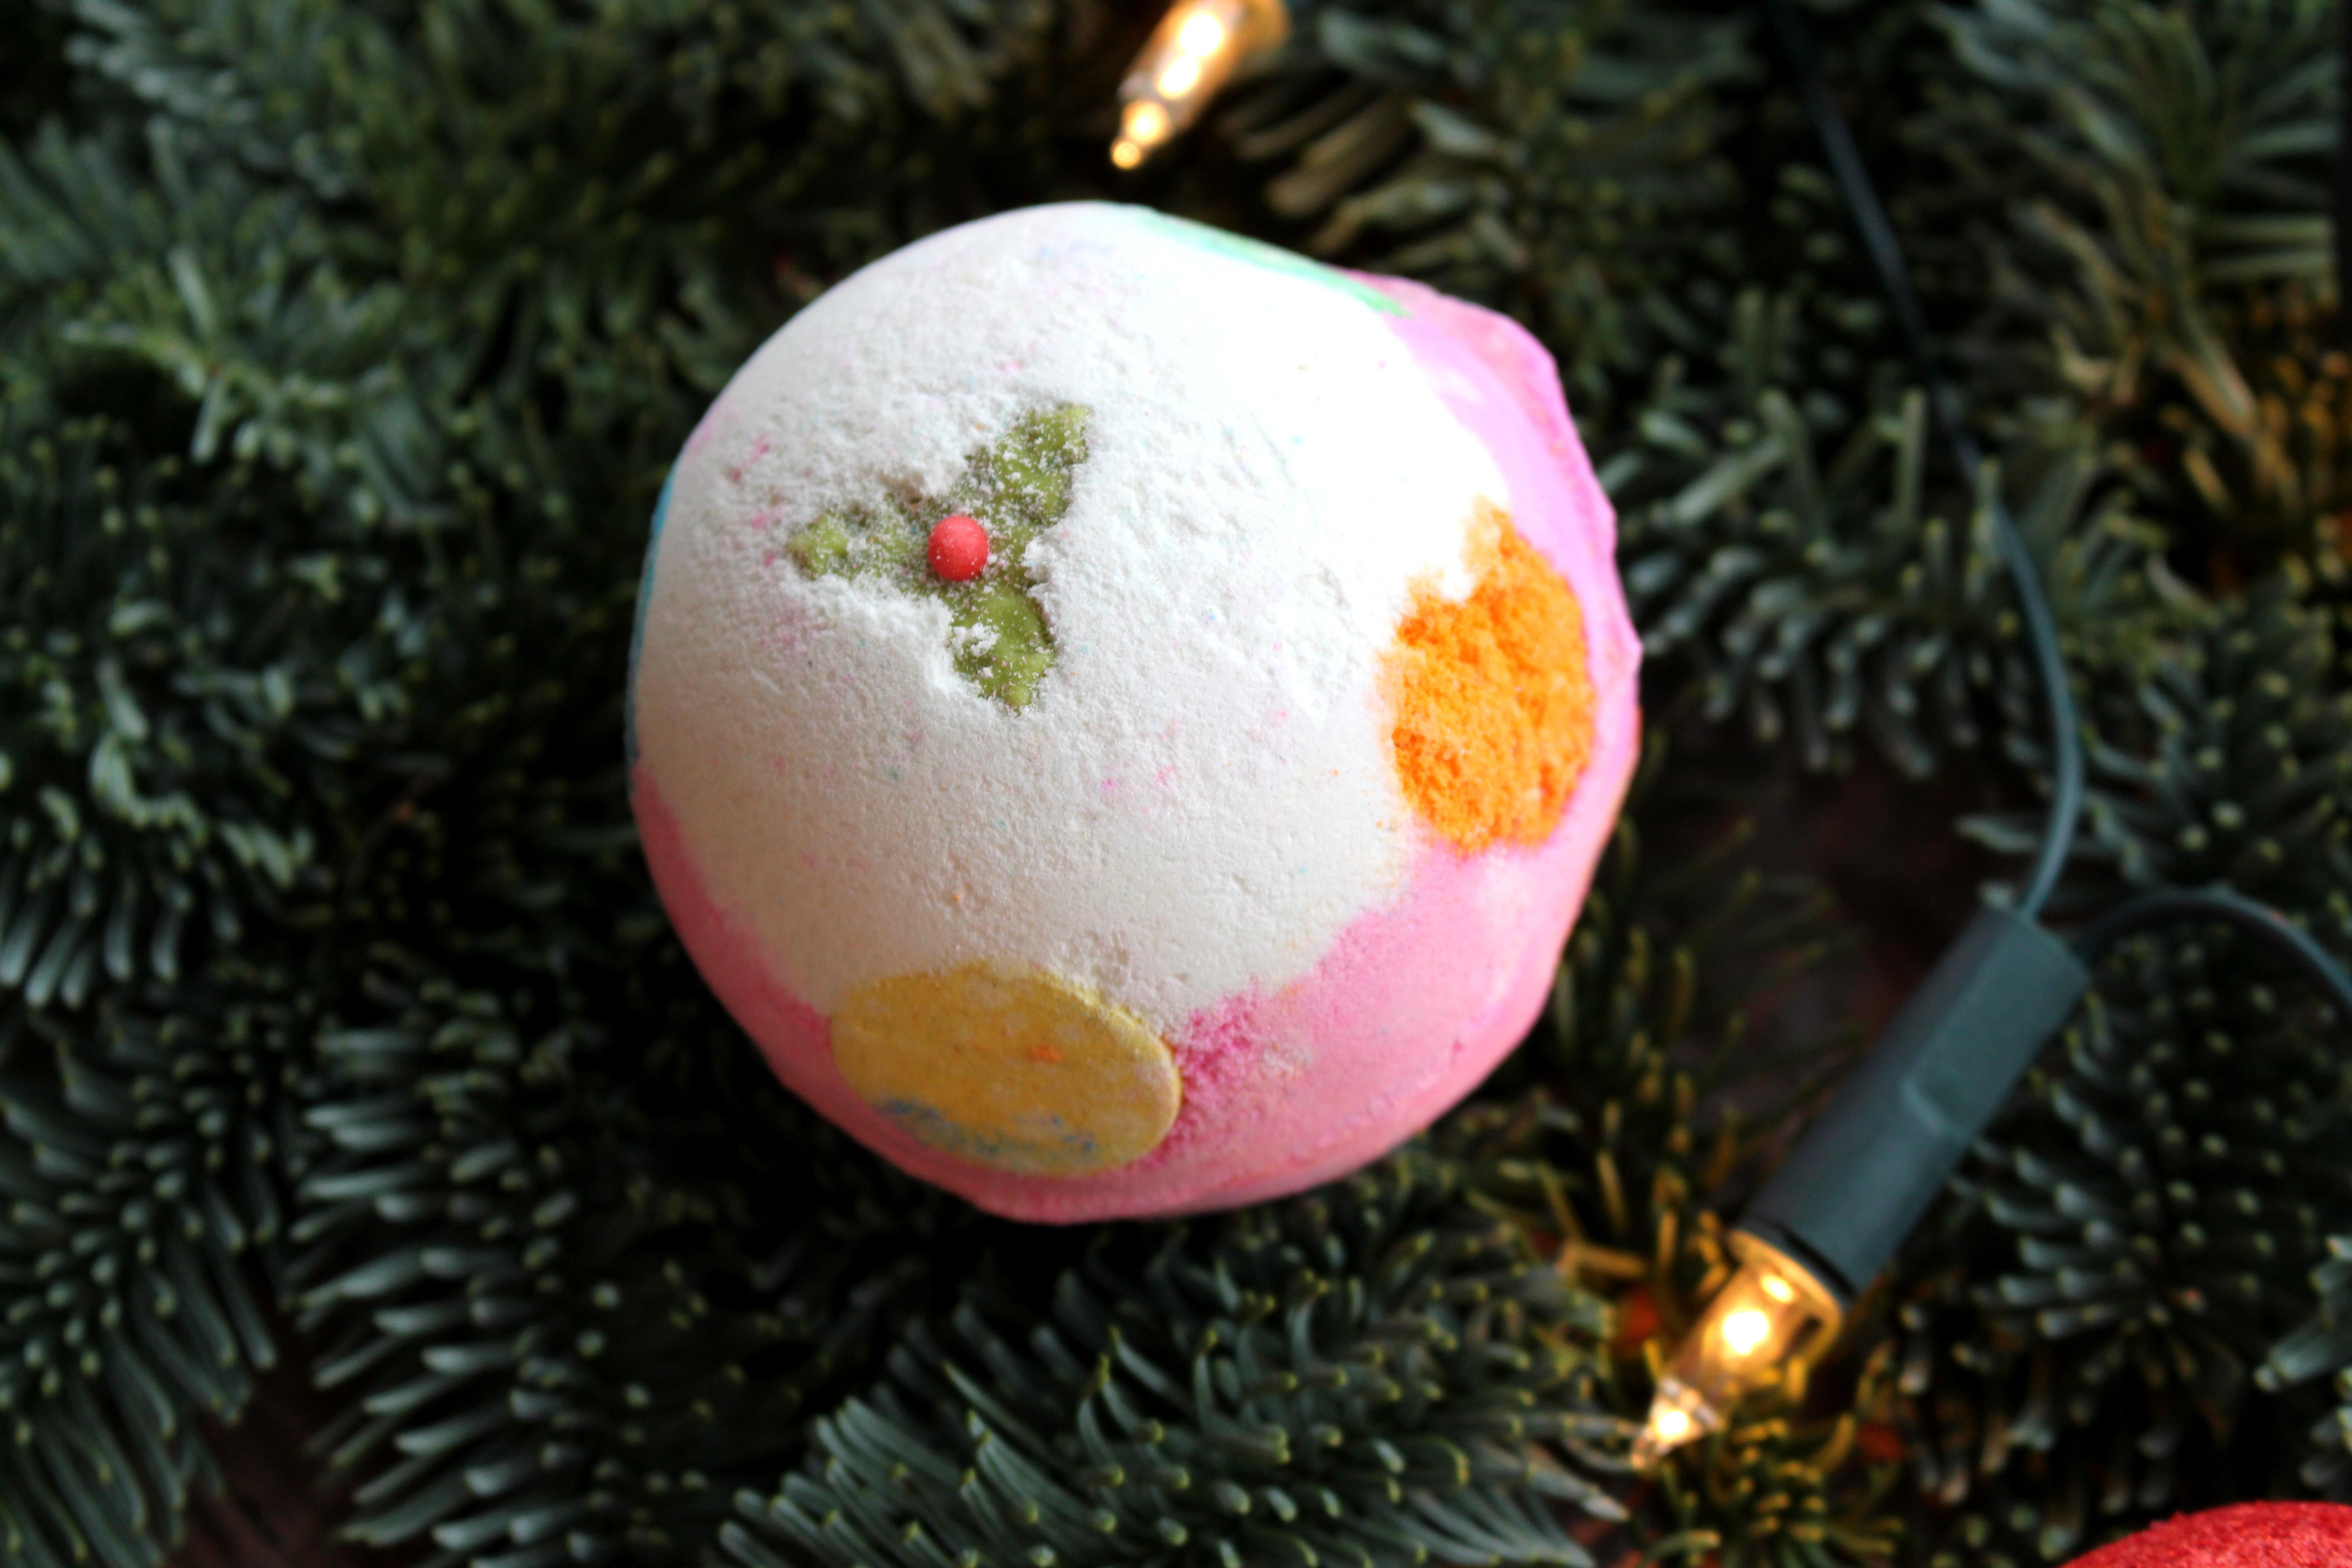 makeupinflight - Lush Christmas Haul - makeupinflight